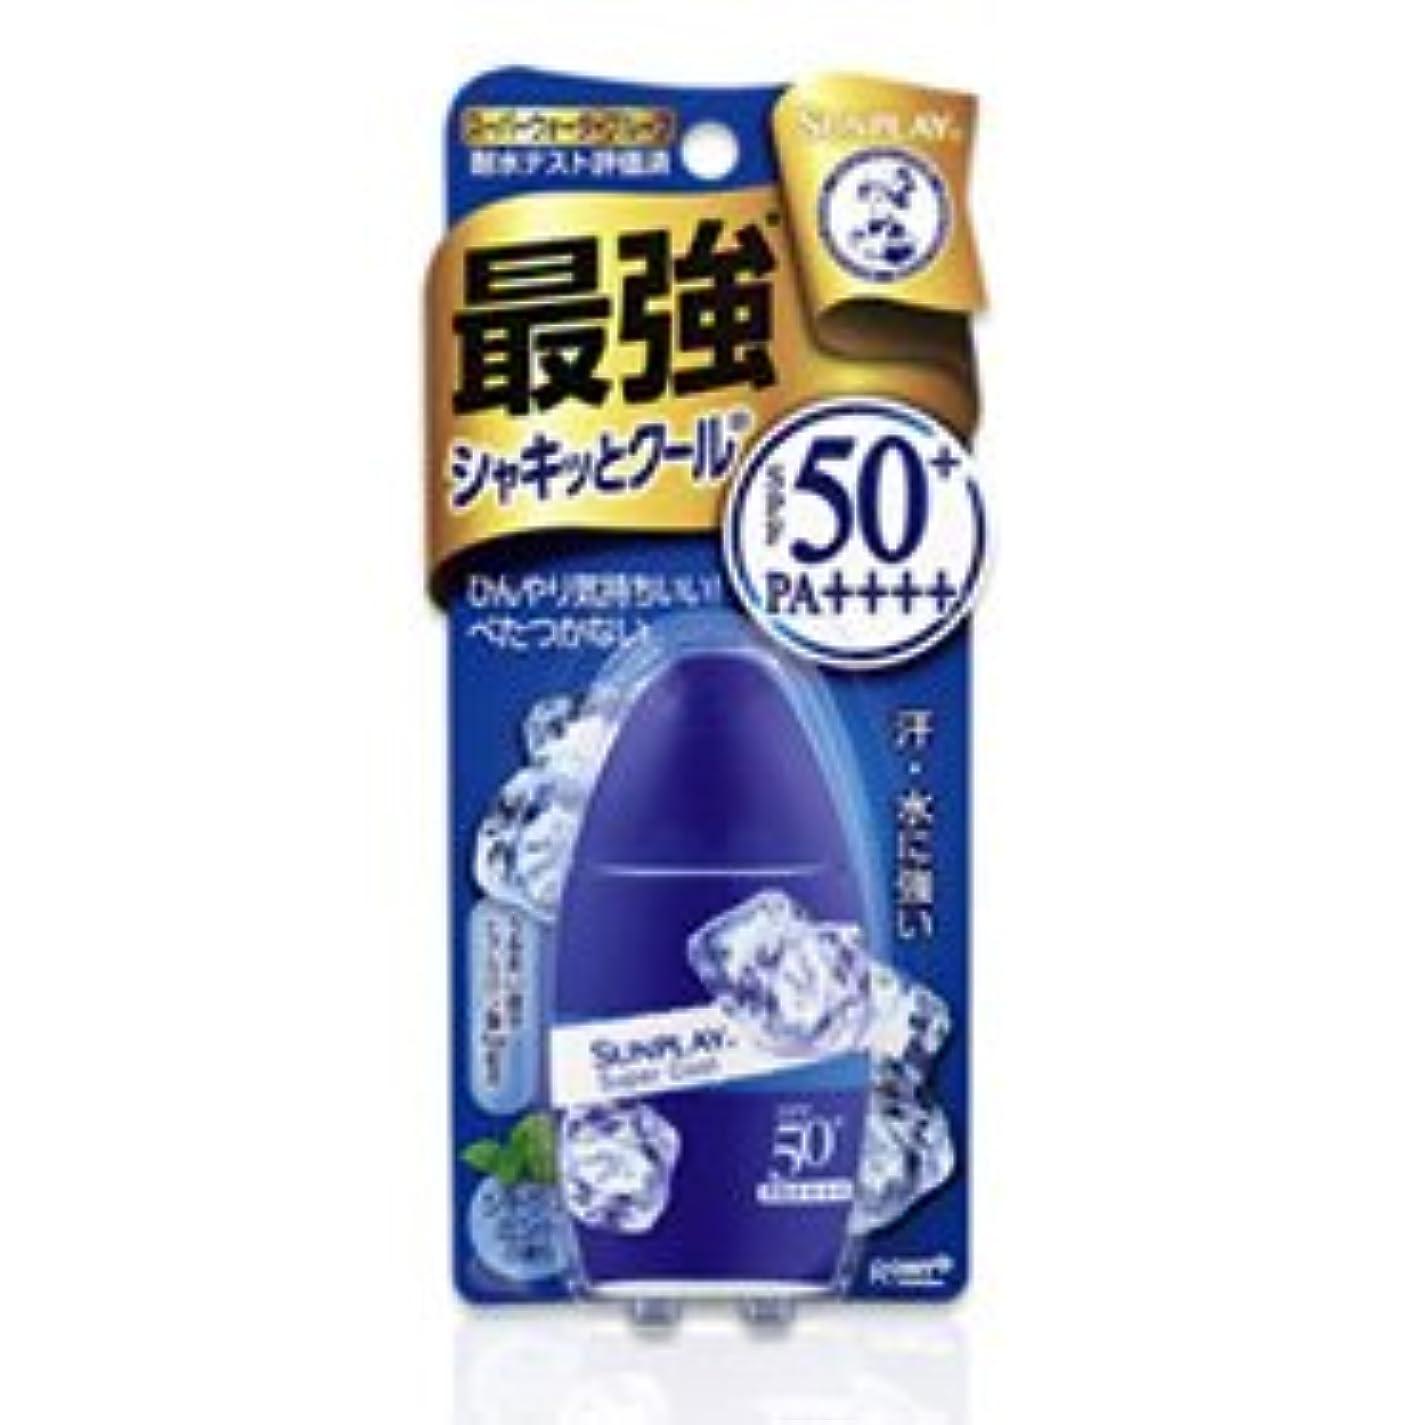 引数擬人化不毛【ロート製薬】メンソレータム サンプレイ スーパークール 30g ×5個セット